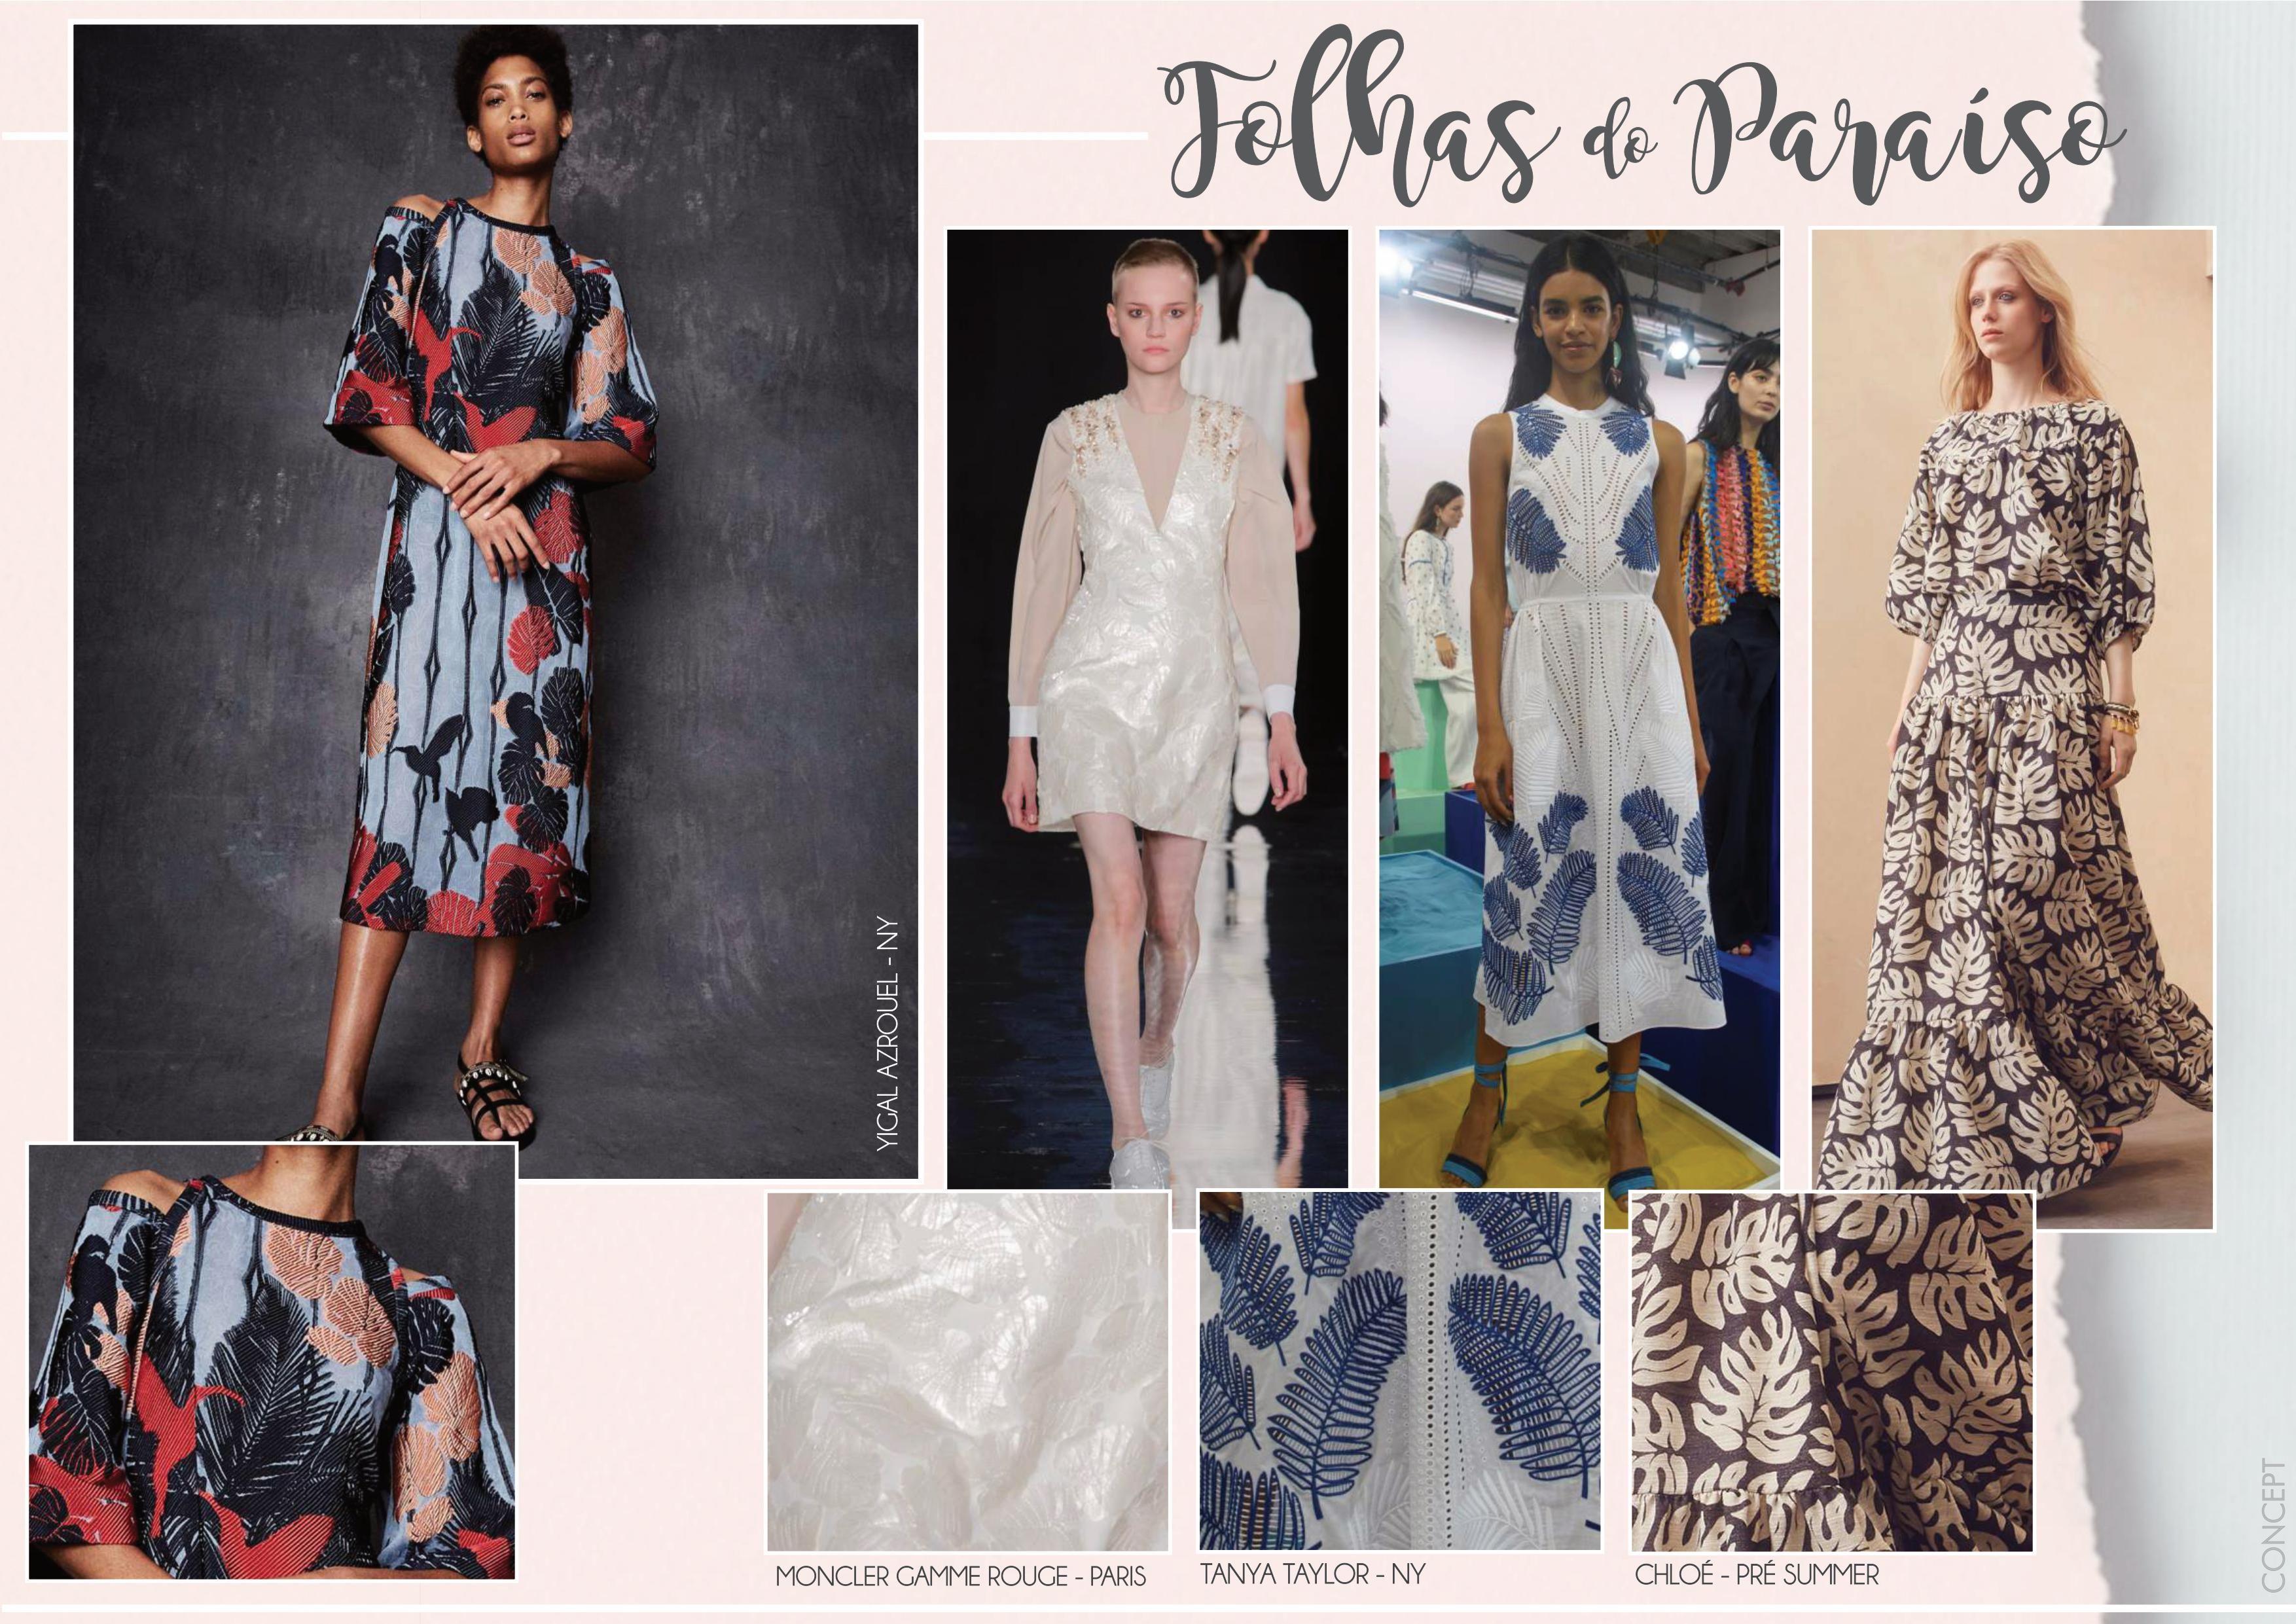 O desenho da folhagem Costela de Adão torna qualquer coleção de verão ainda mais tropical. É uma padronagem sempre presente e nesta estação irá superar as expectativas. Ultrapassando os limites da estamparia,ela permeará bordados, guipures, jacquards, entre outros.   #conceptfashion #conceitoemtecido #textil #textile #moda #trend #fashion #tecido  #fashiontextil #fashiontextile #feminino #verão2018 #instafashion #fashionista #concept_textil #instaglam #folhasdoparaiso #dicademoda #tendencia…